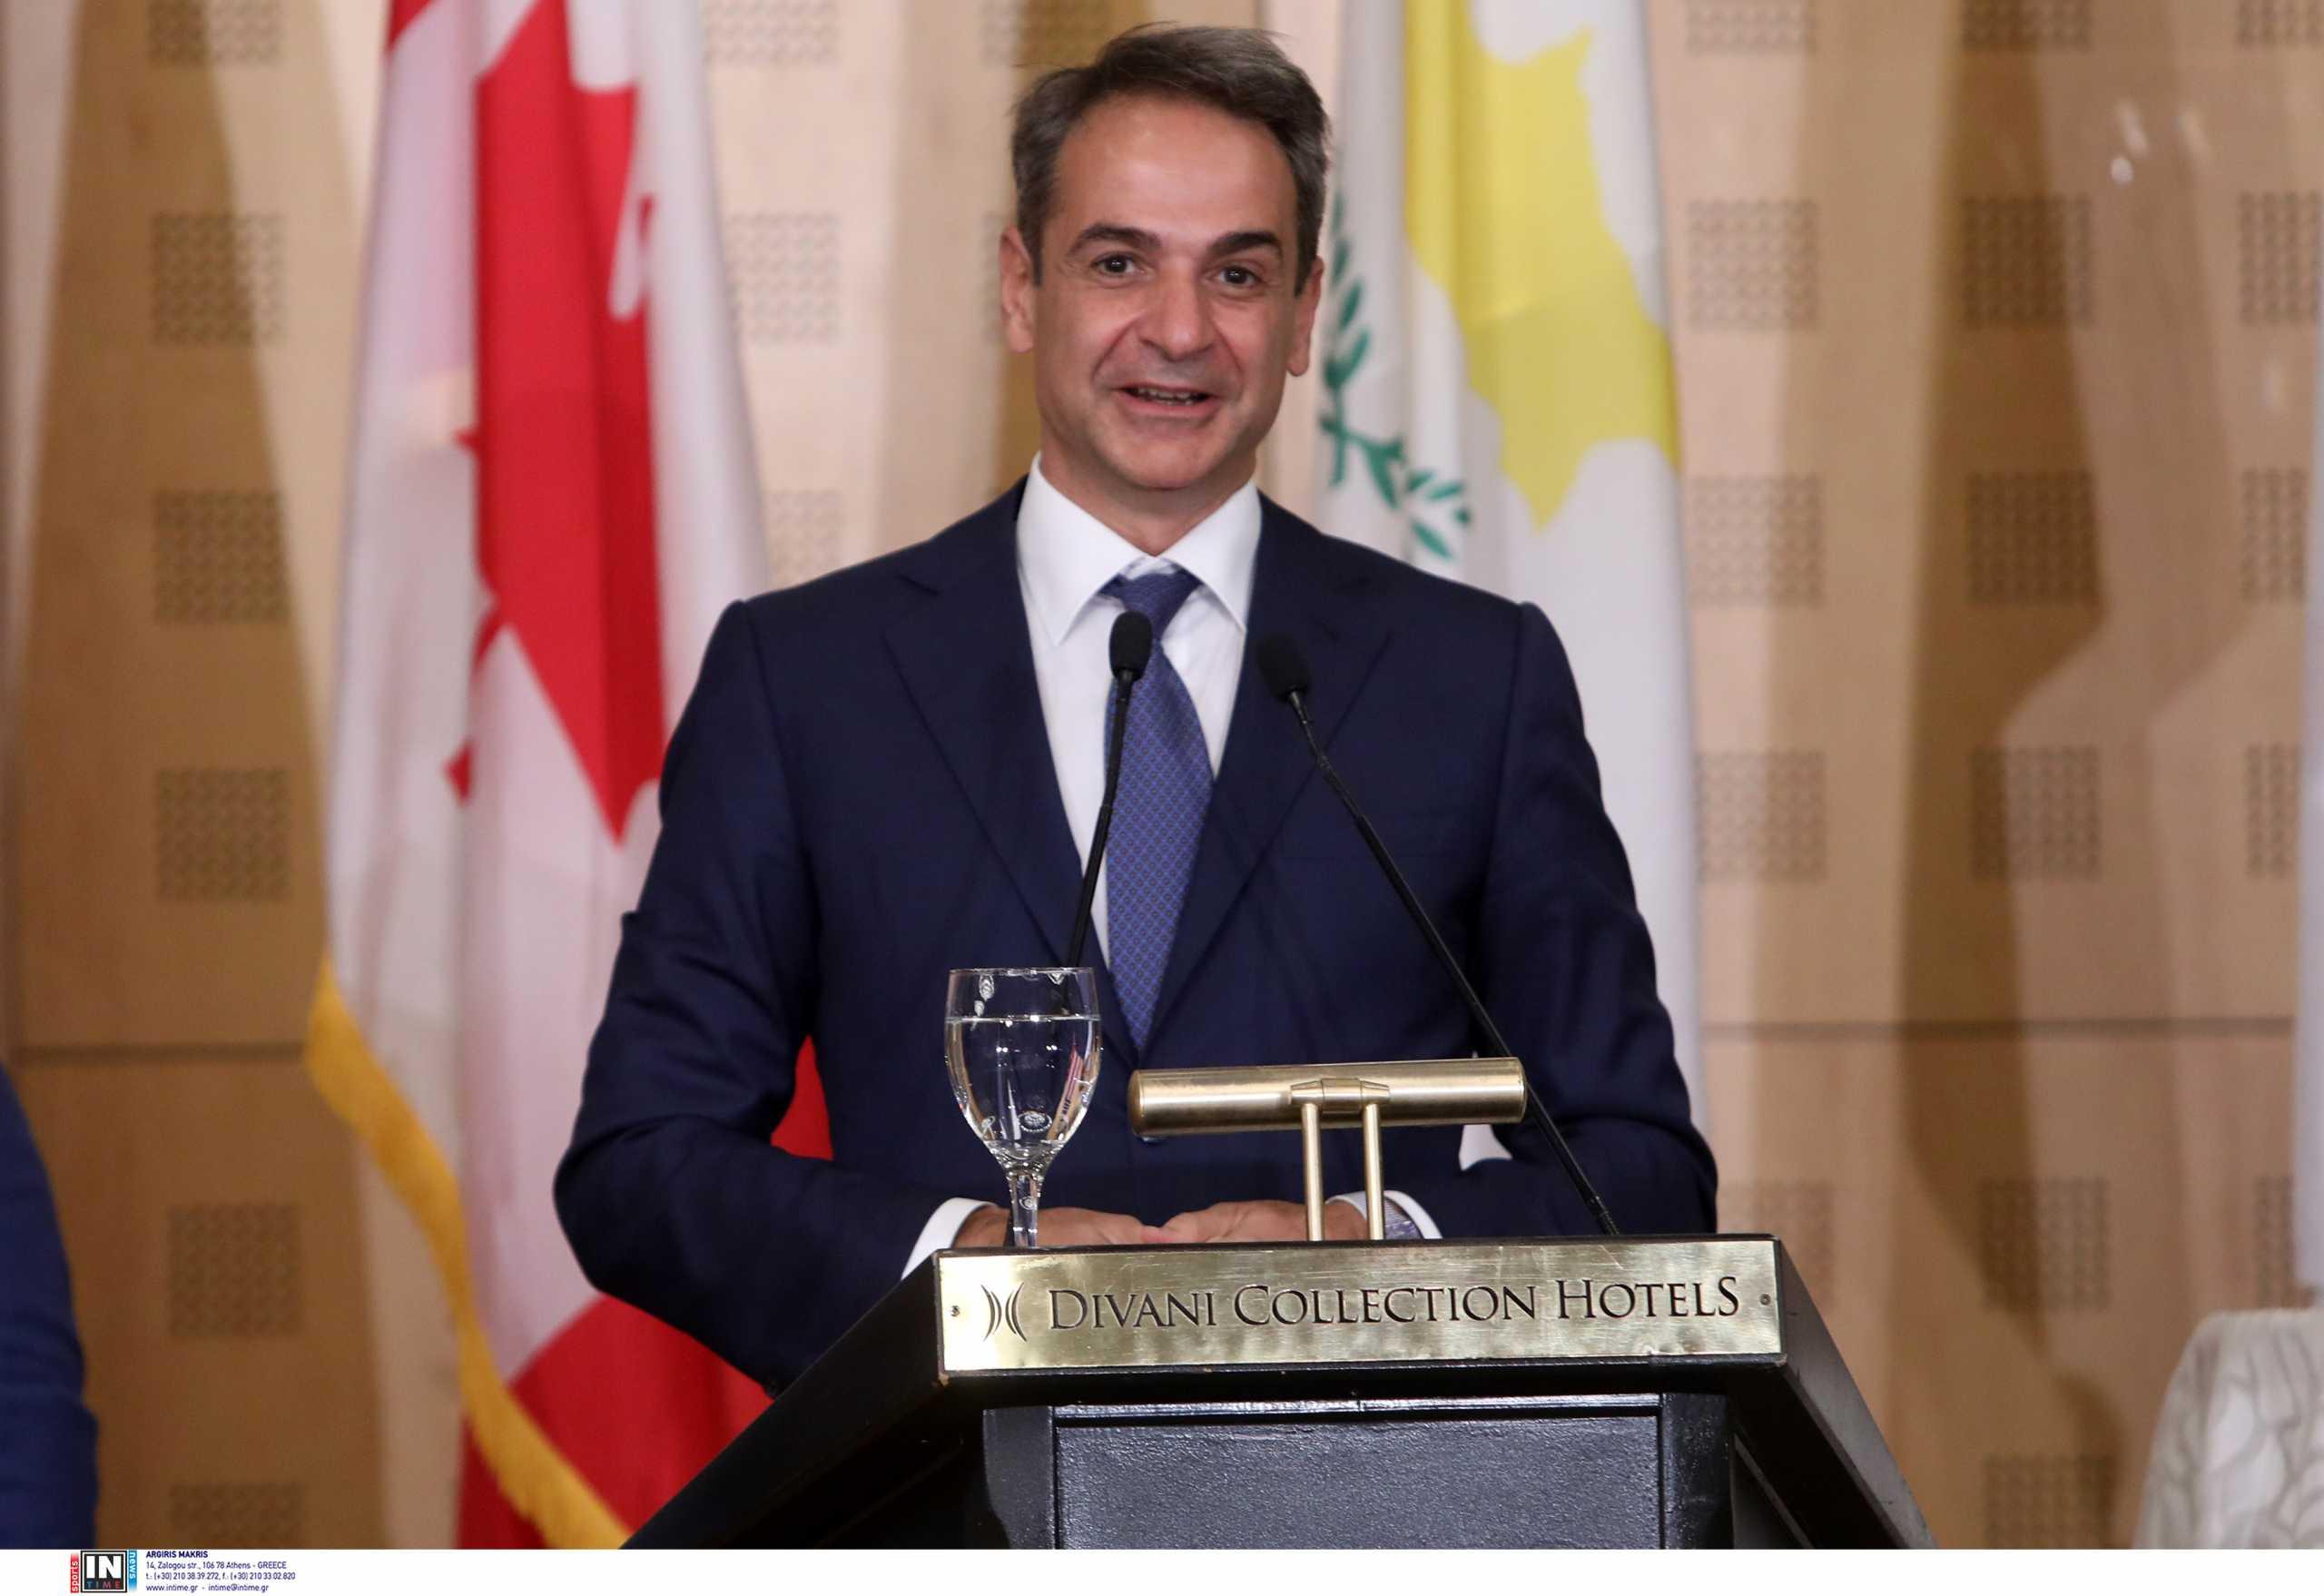 Μητσοτάκης σε συνέδριο AHEPA: Η Ελλάδα θα υπερασπιστεί την κυριαρχία της όπου και όποτε είναι απαραίτητο